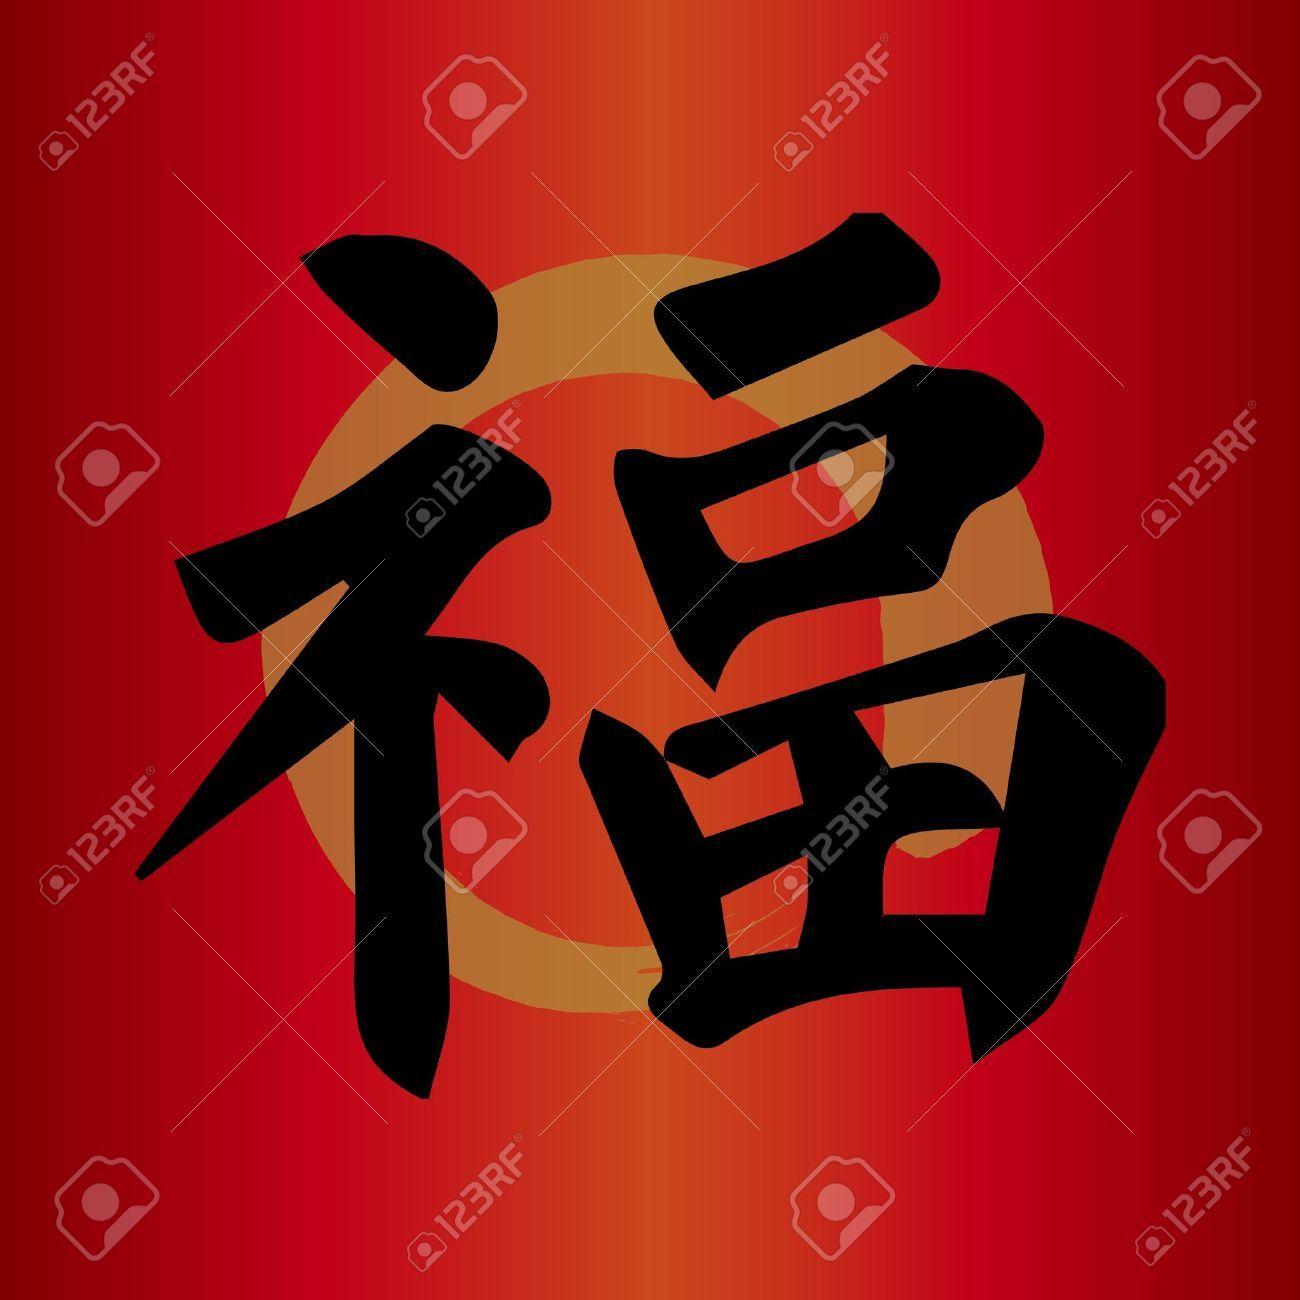 Chinesische Schriftzeichen für Glück chinesische neue Jahr ...